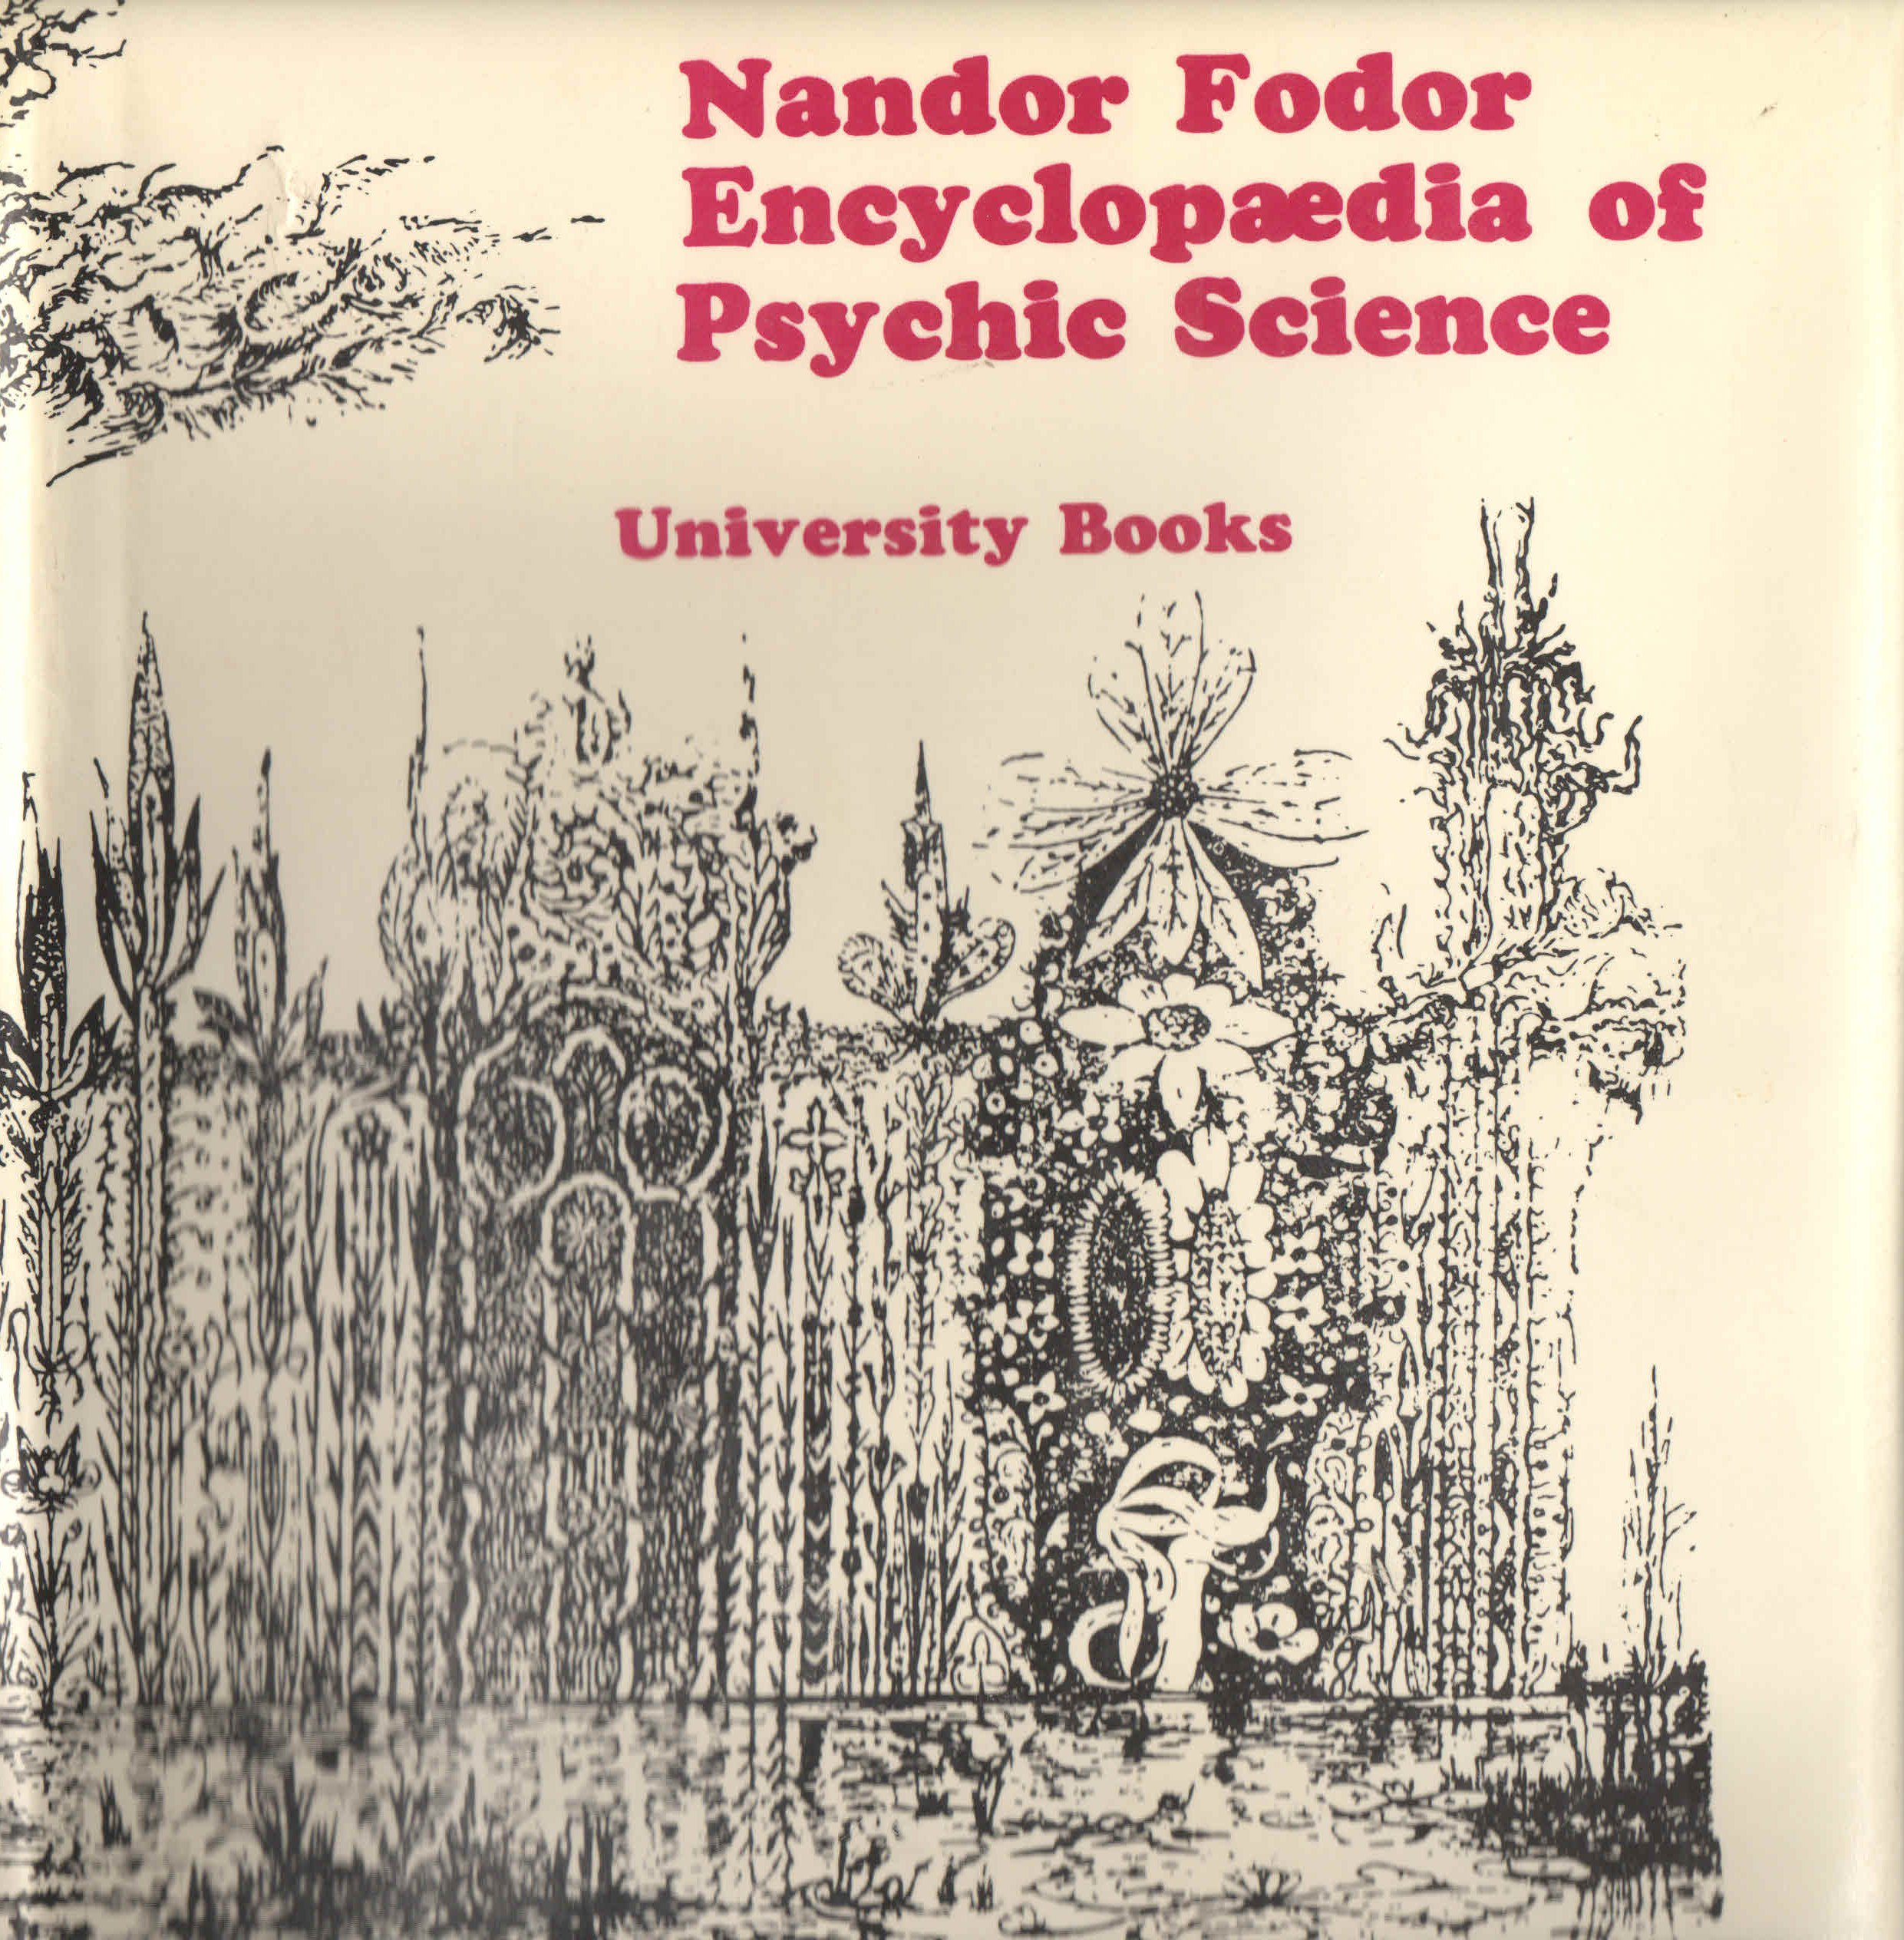 Encyclopaedia of Psychic Science: Fodor, Nandor: Amazon.com: Books